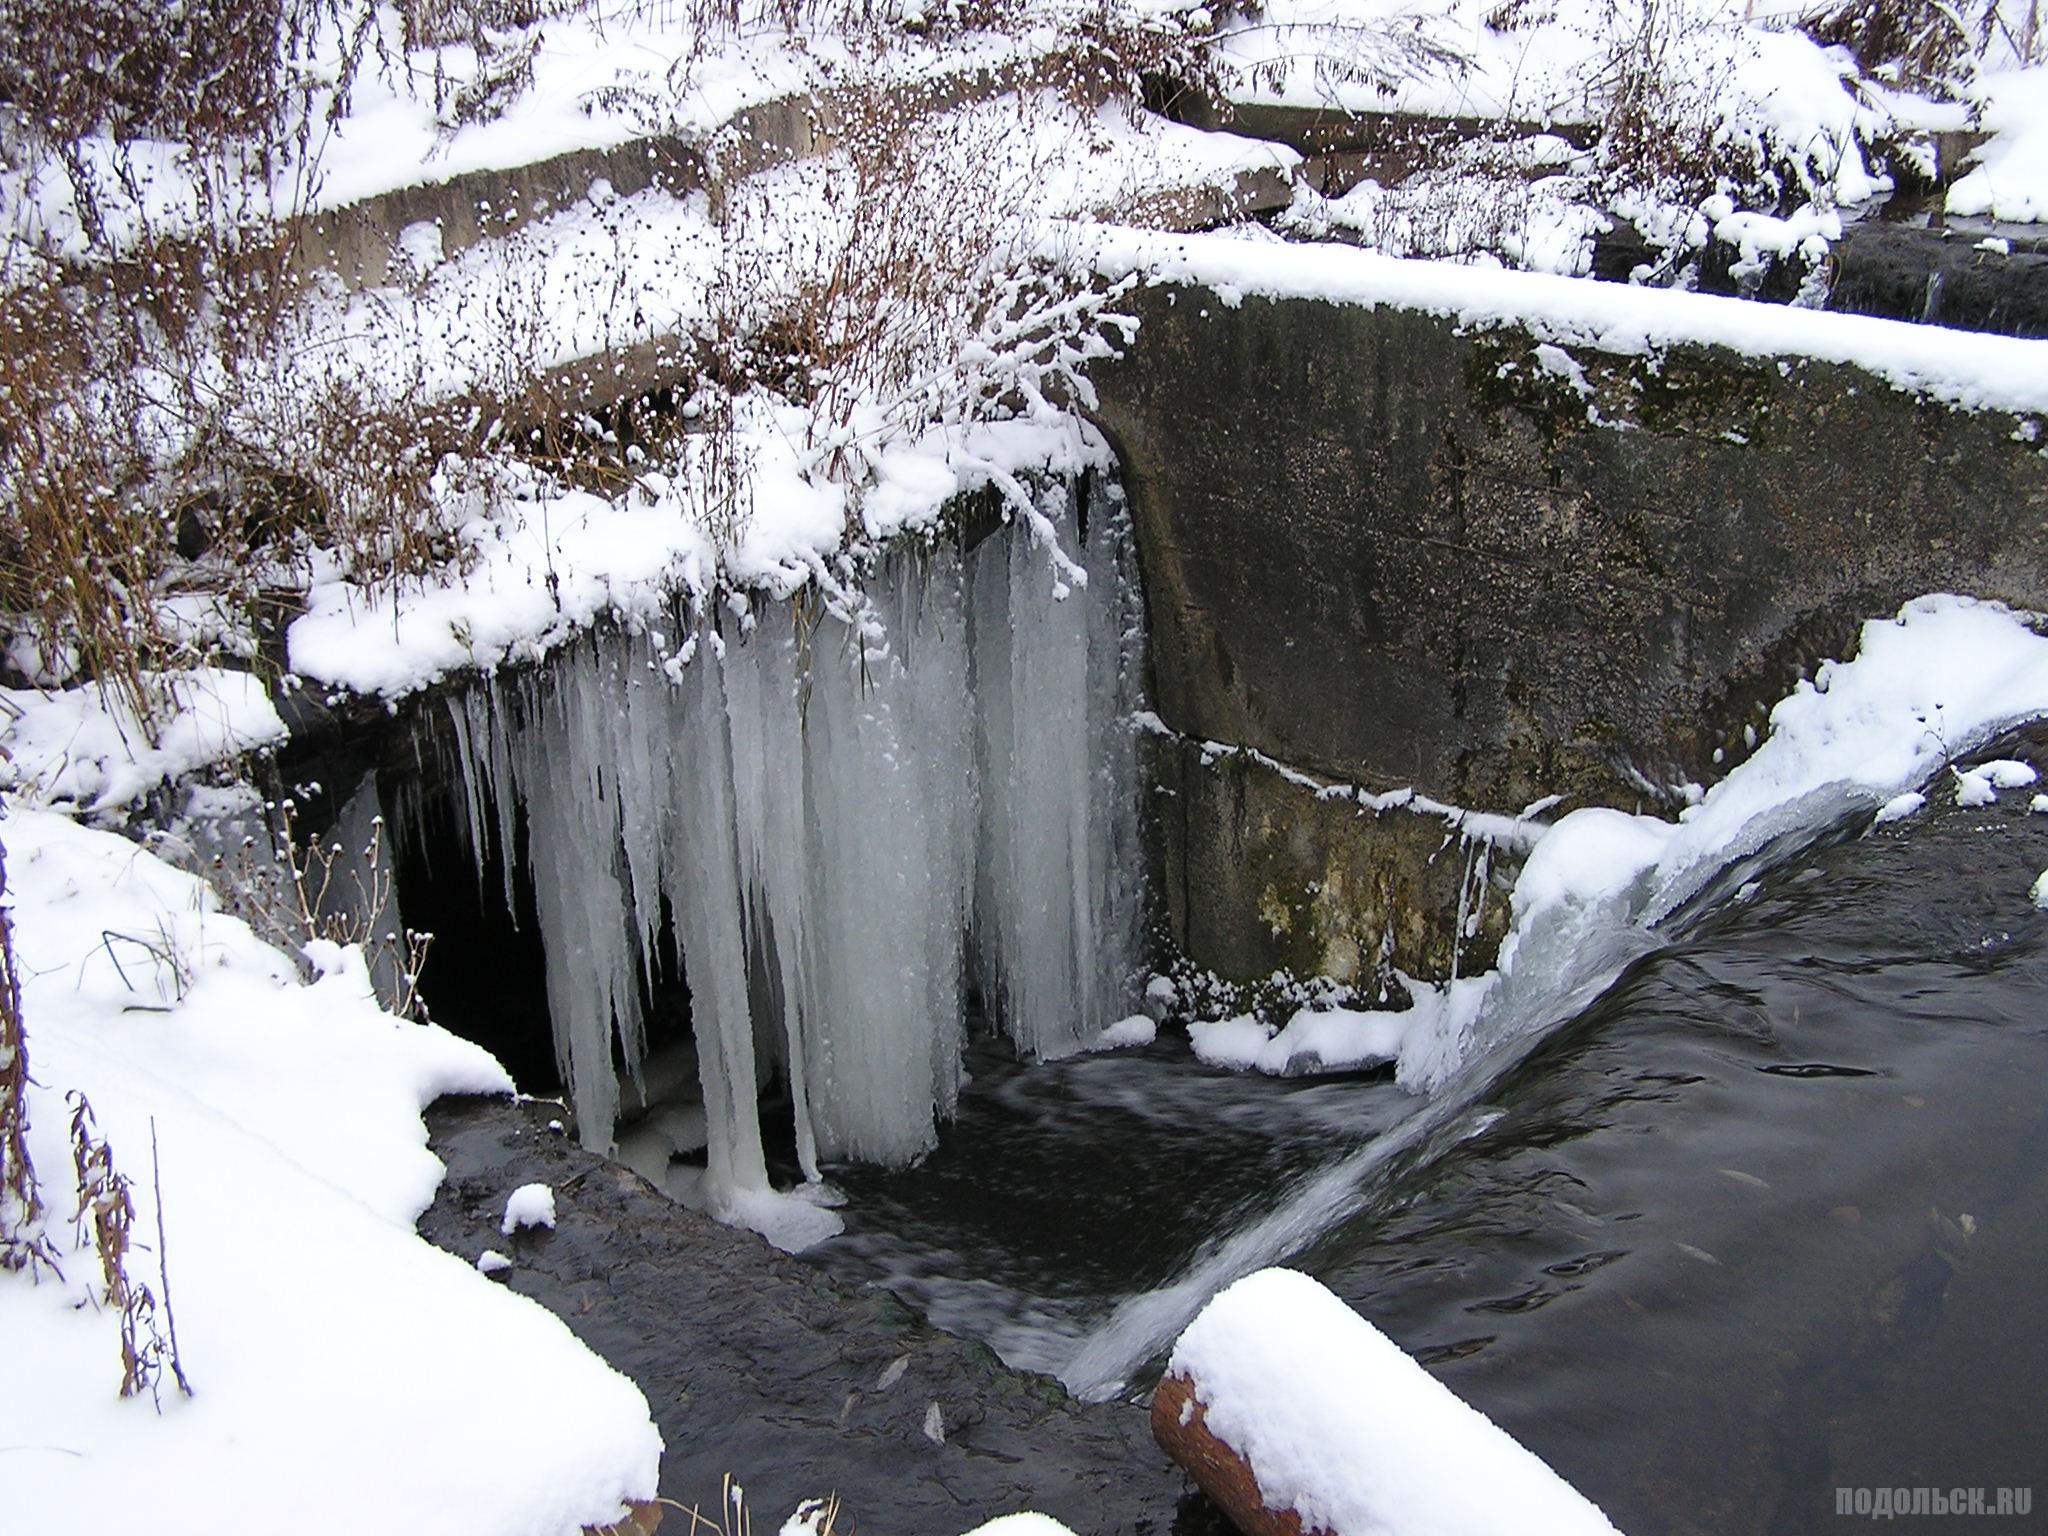 Сосульки водопада. Река Петрица в Климовске. 3 декабря 2016 г.